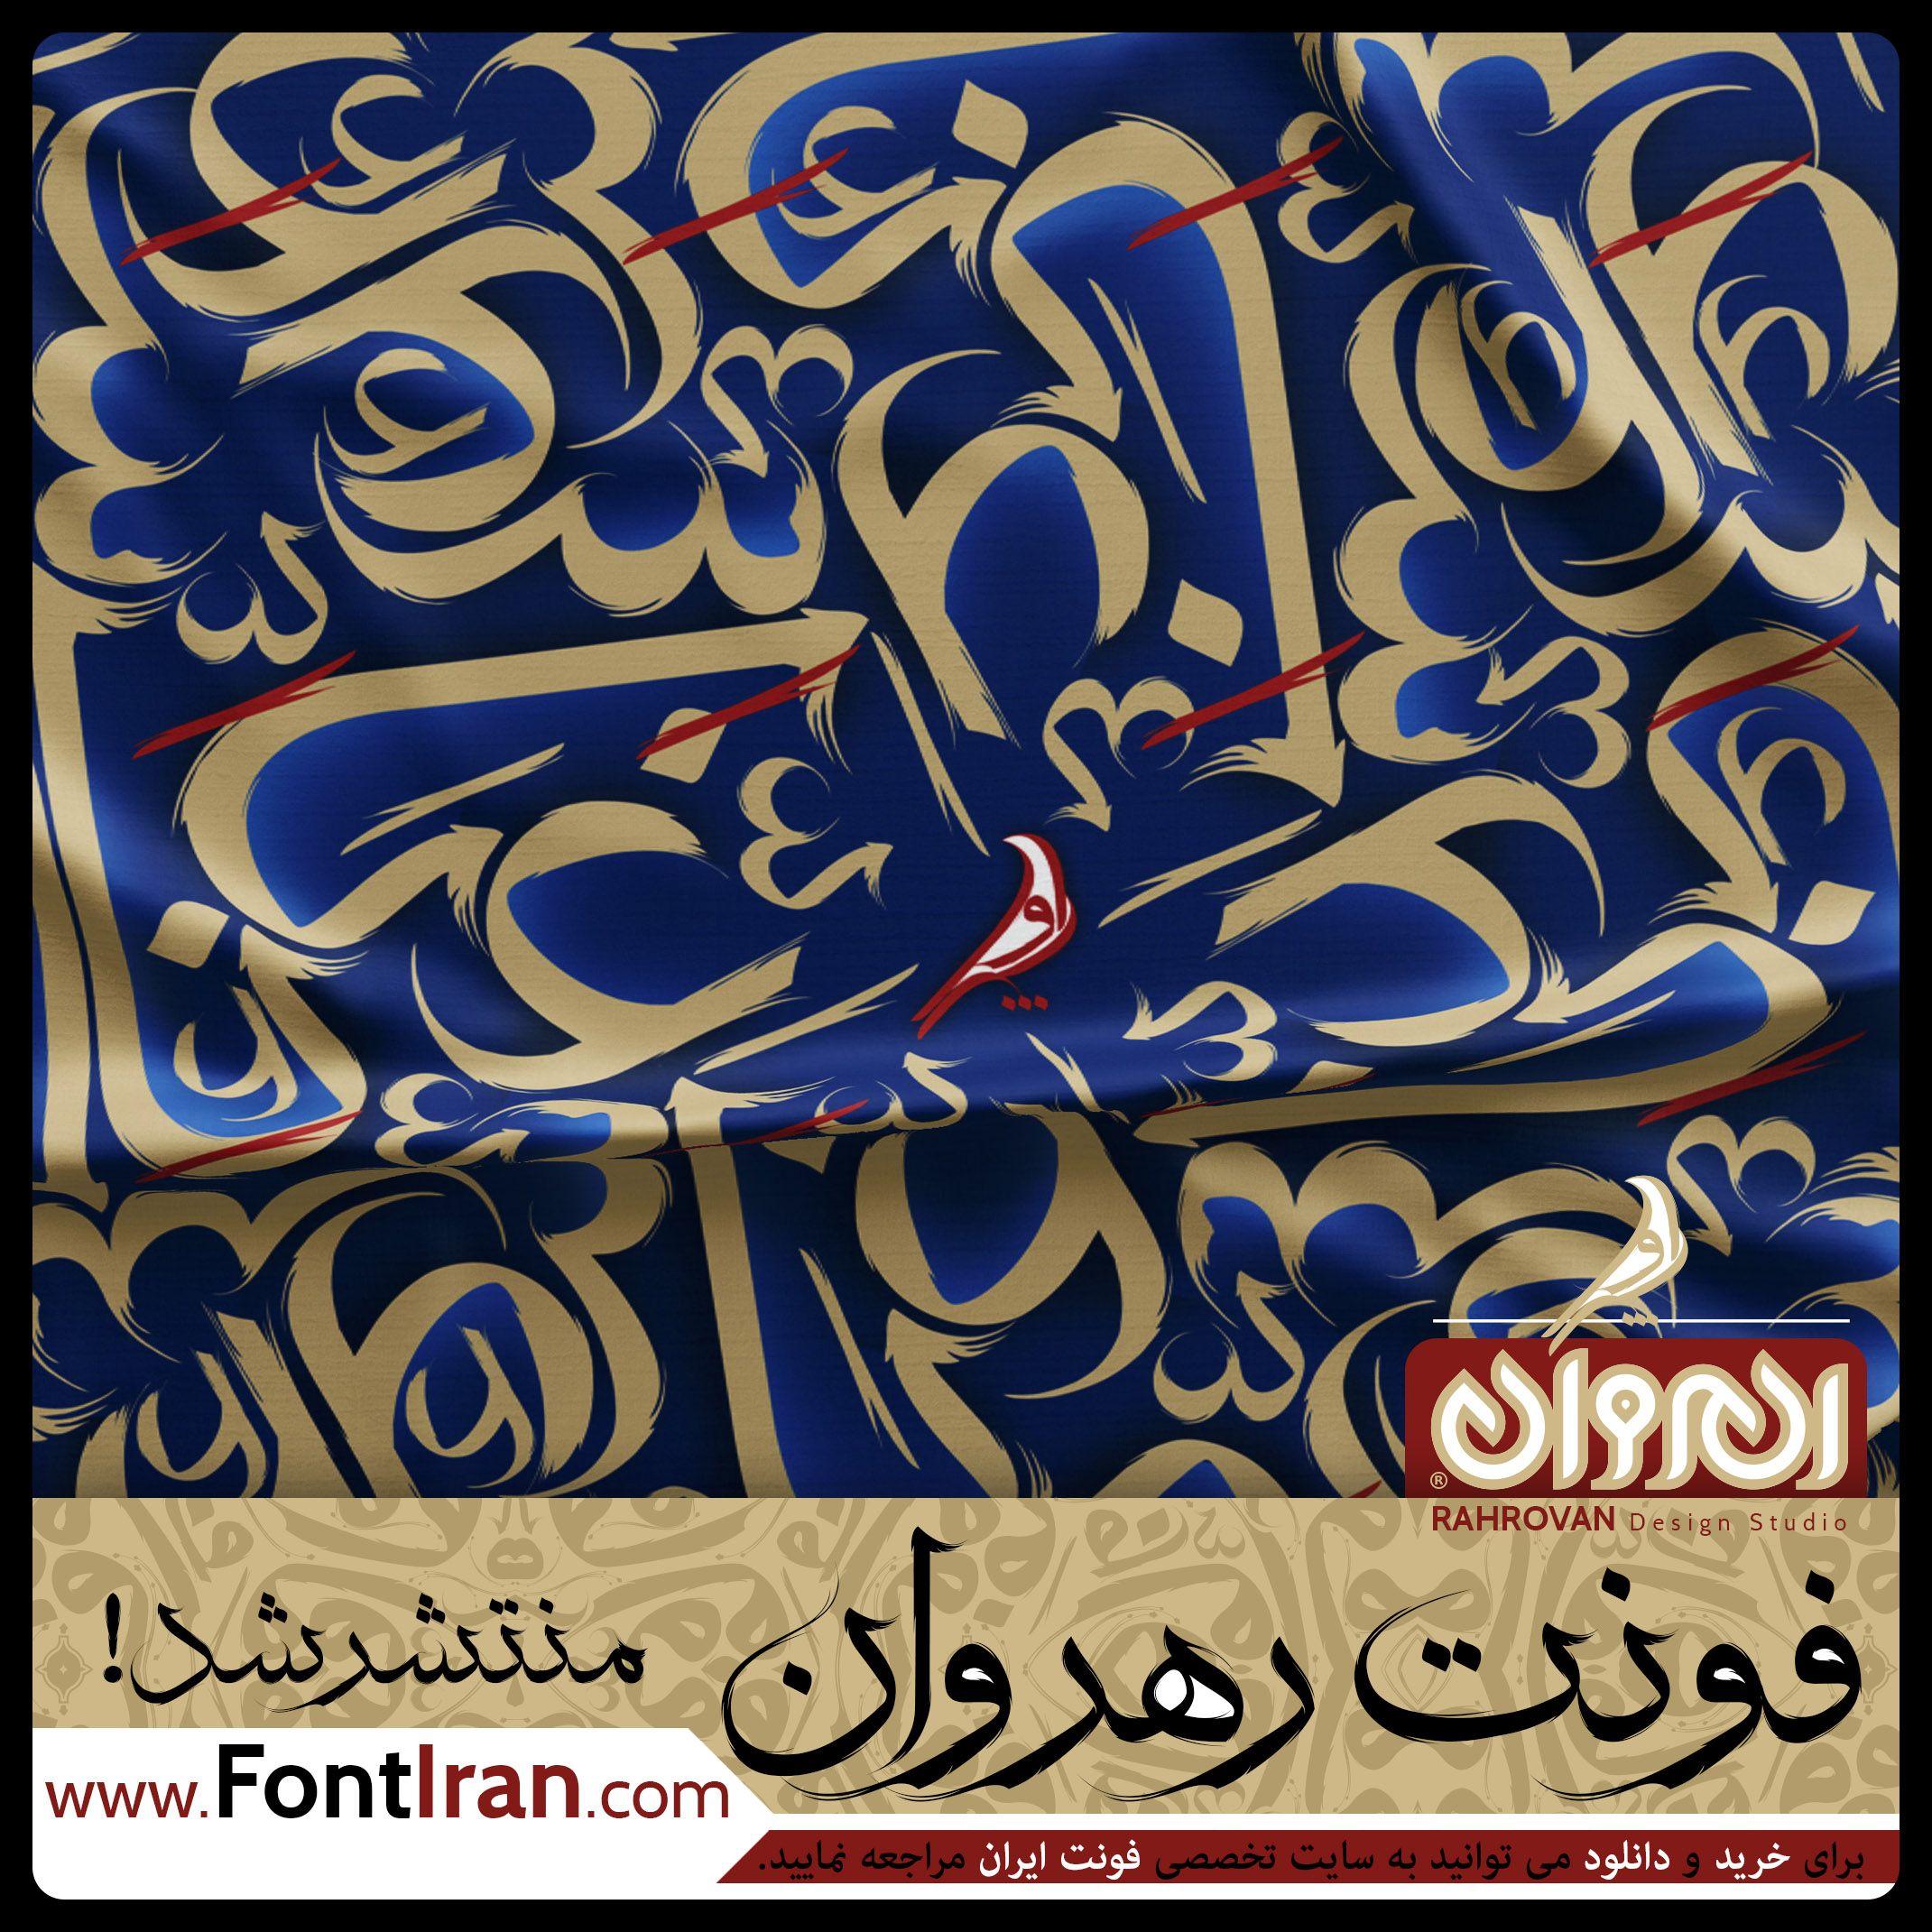 فونت رهروان را از نزدیک ببینید فونت رهروان بر پایه ی خط ثلث طراحی شده و سعی شده با حفظ روحیه خوشنویسی فضای بصری جدیدی Calligraphy Arabic Calligraphy Design